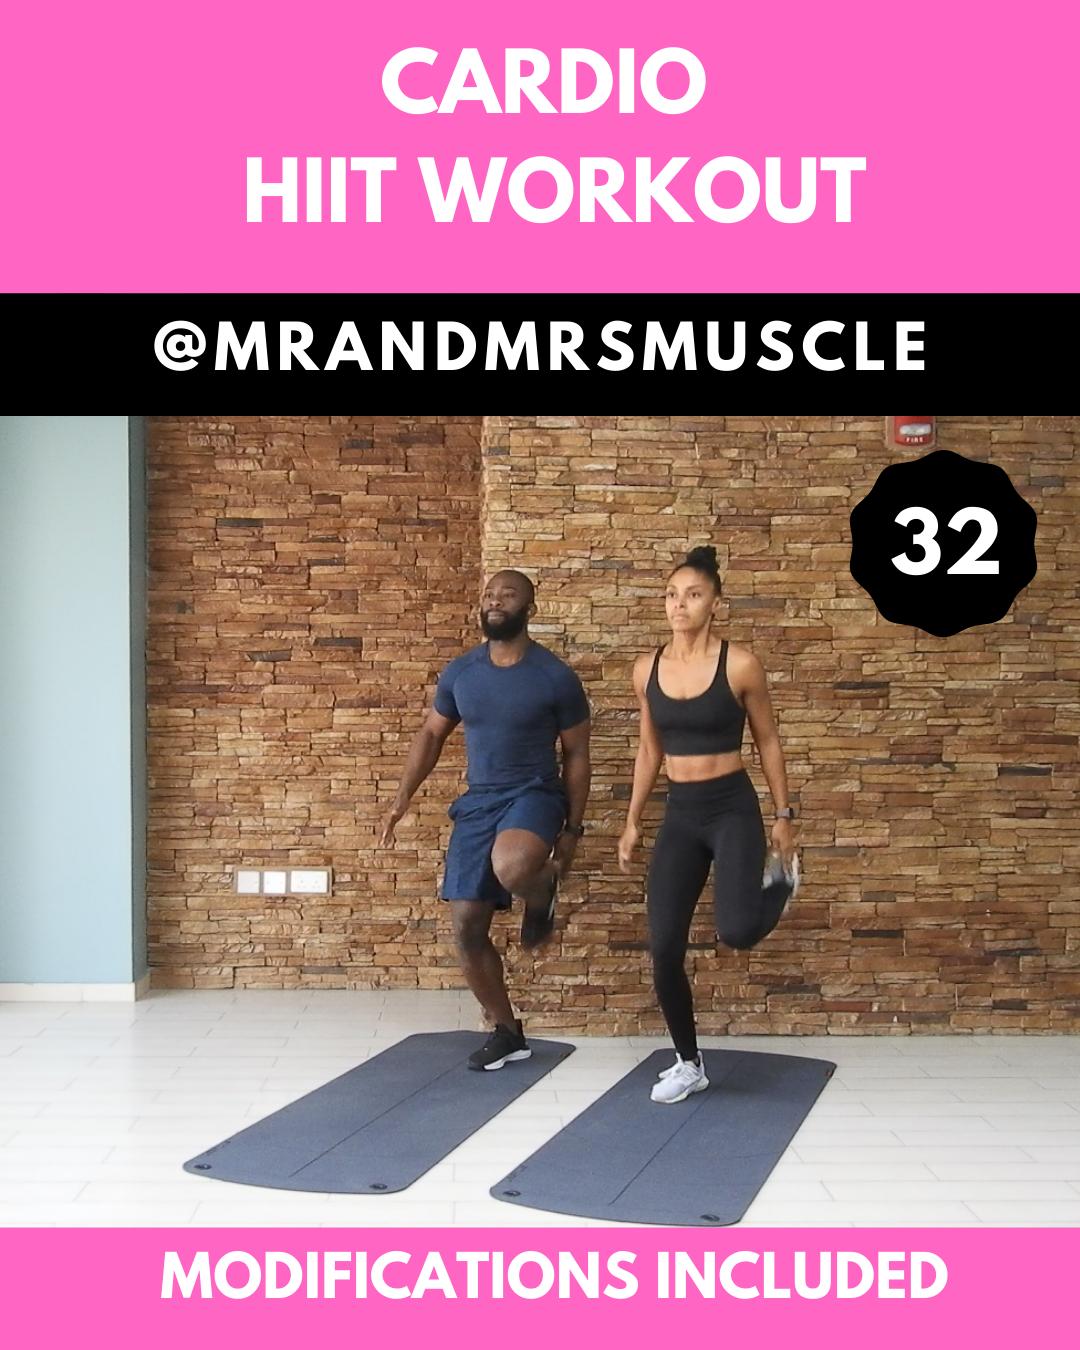 Sweaty Cardio Workout - HOME or GYM #fitness #fitnesstraining #gym #training